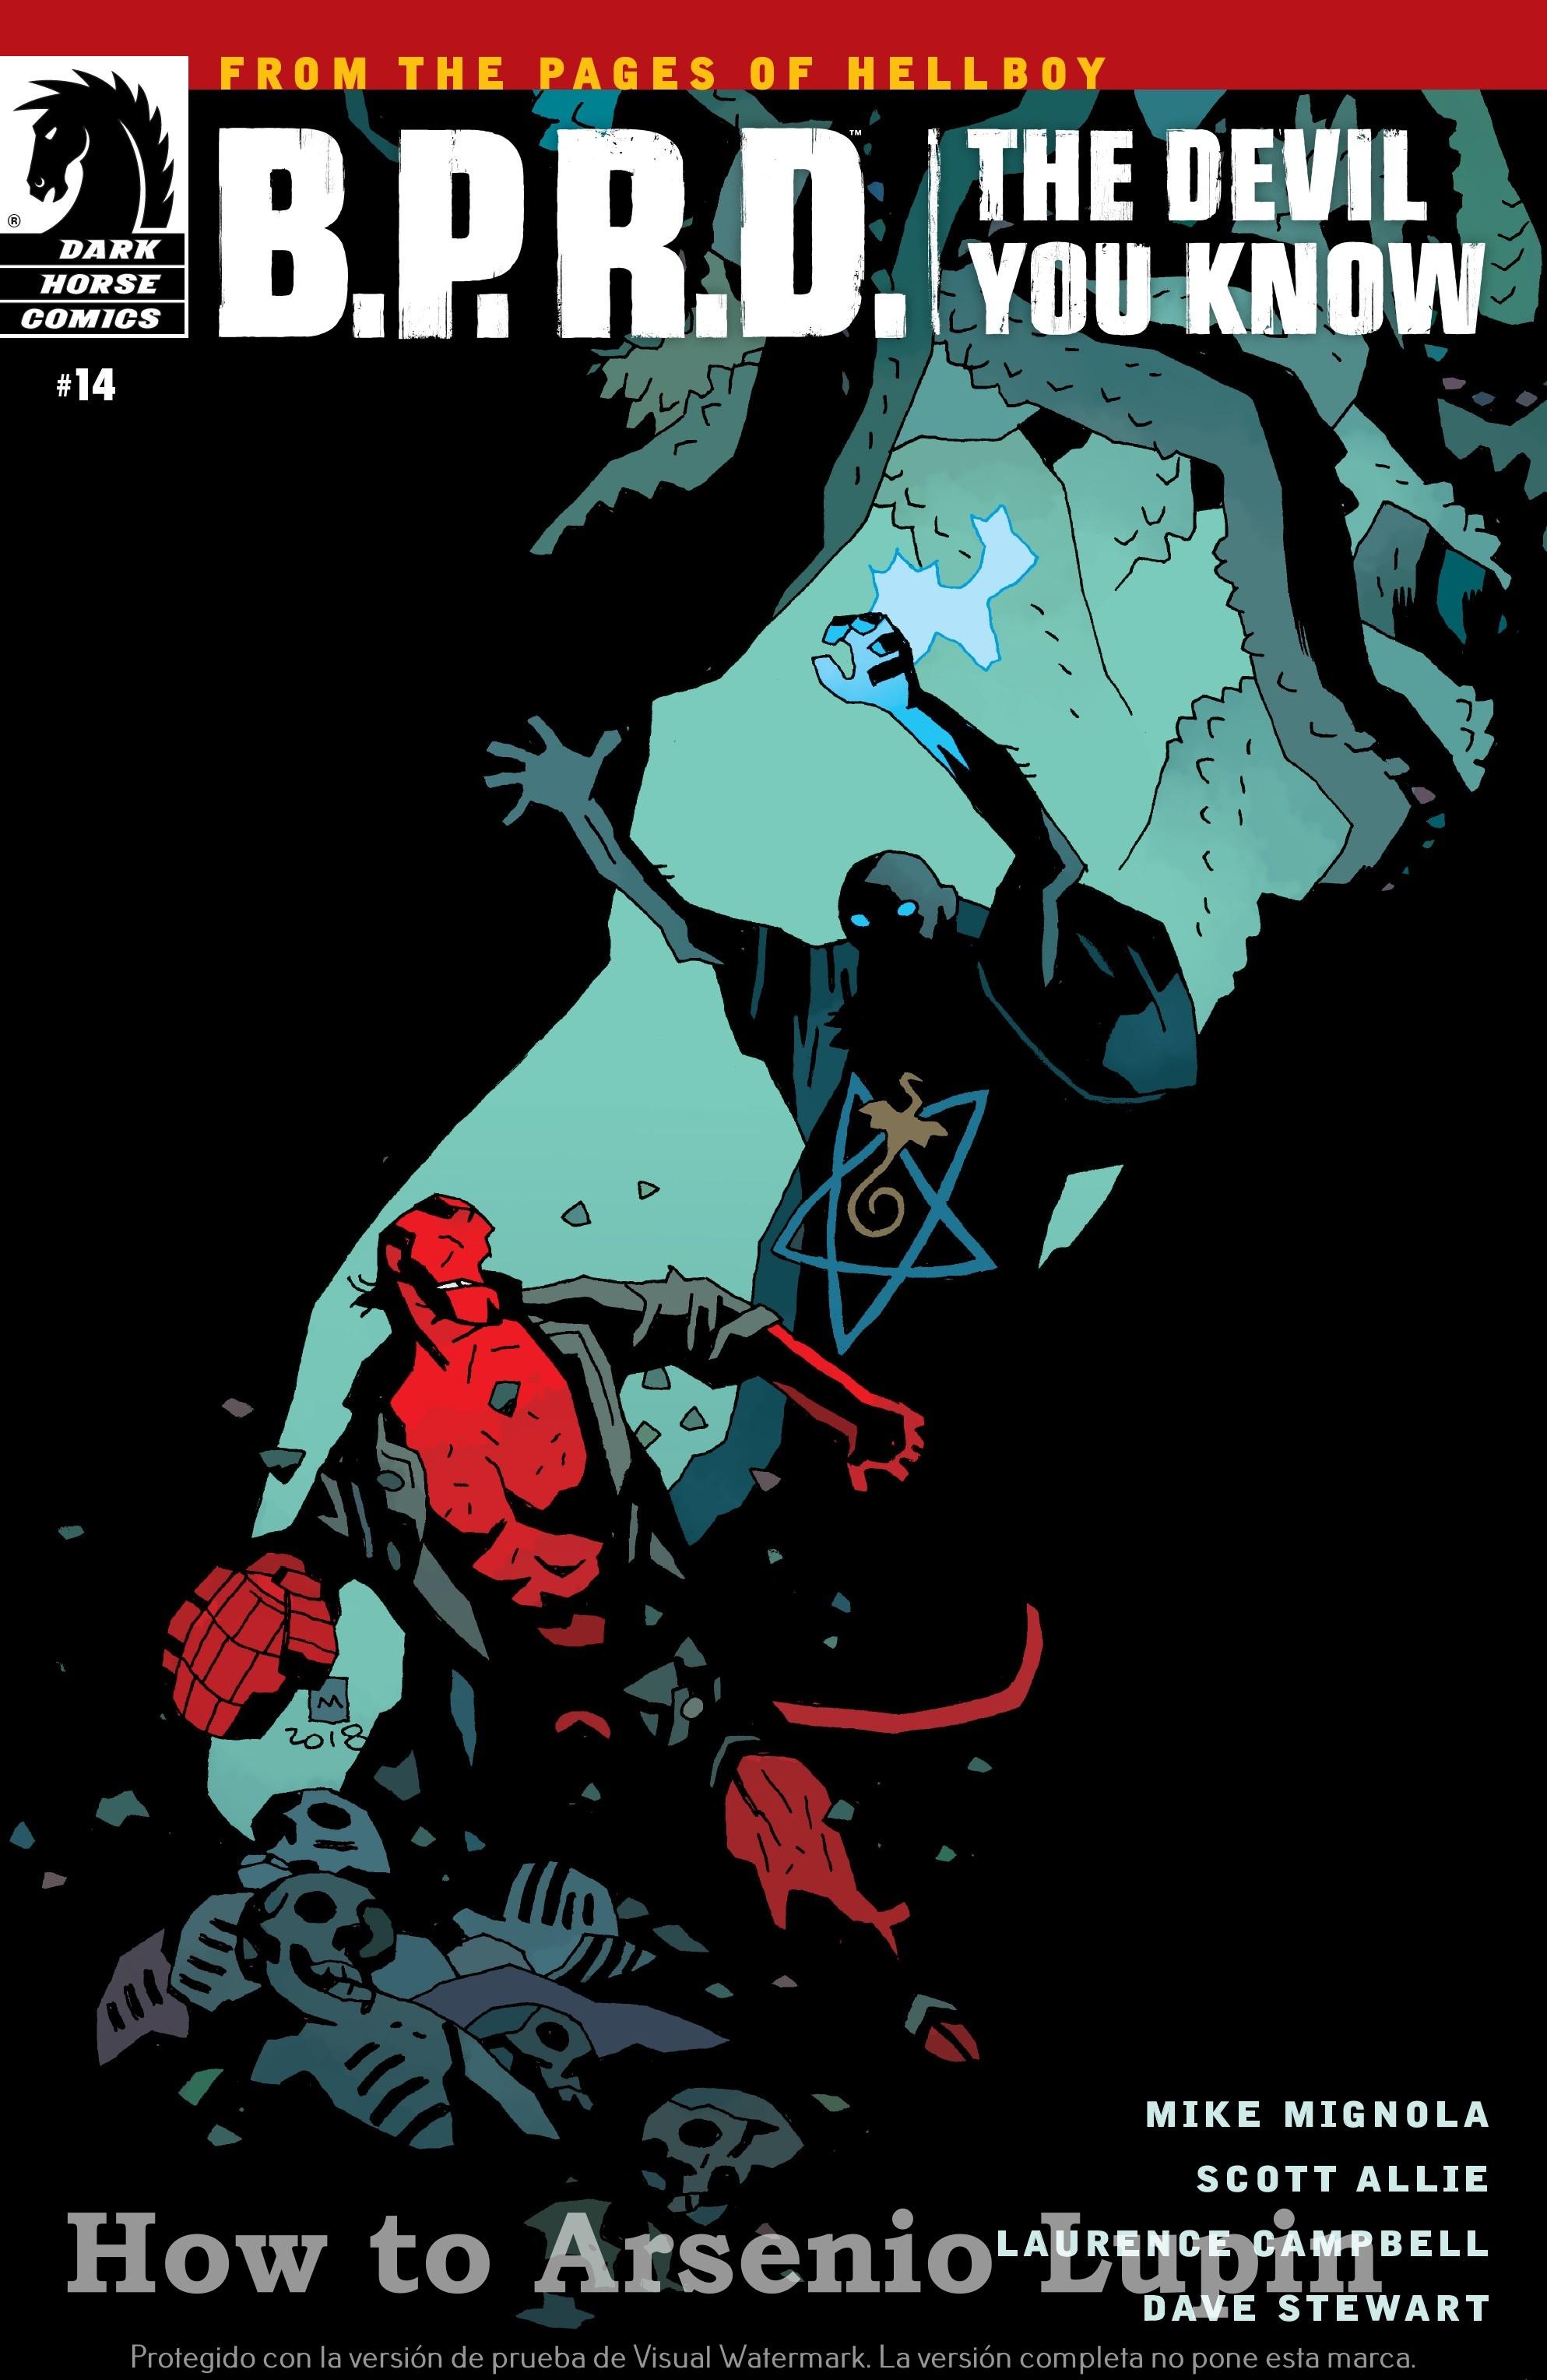 Actualización 21/03/2019: El maquetador EnumaG comparte con nosotros el numero 14 de esta serie. La batalla final para salvar a la humanidad comienza. ¡Hellboy se reincorpora al B.P.R.D. después de 17 años de ausencia!